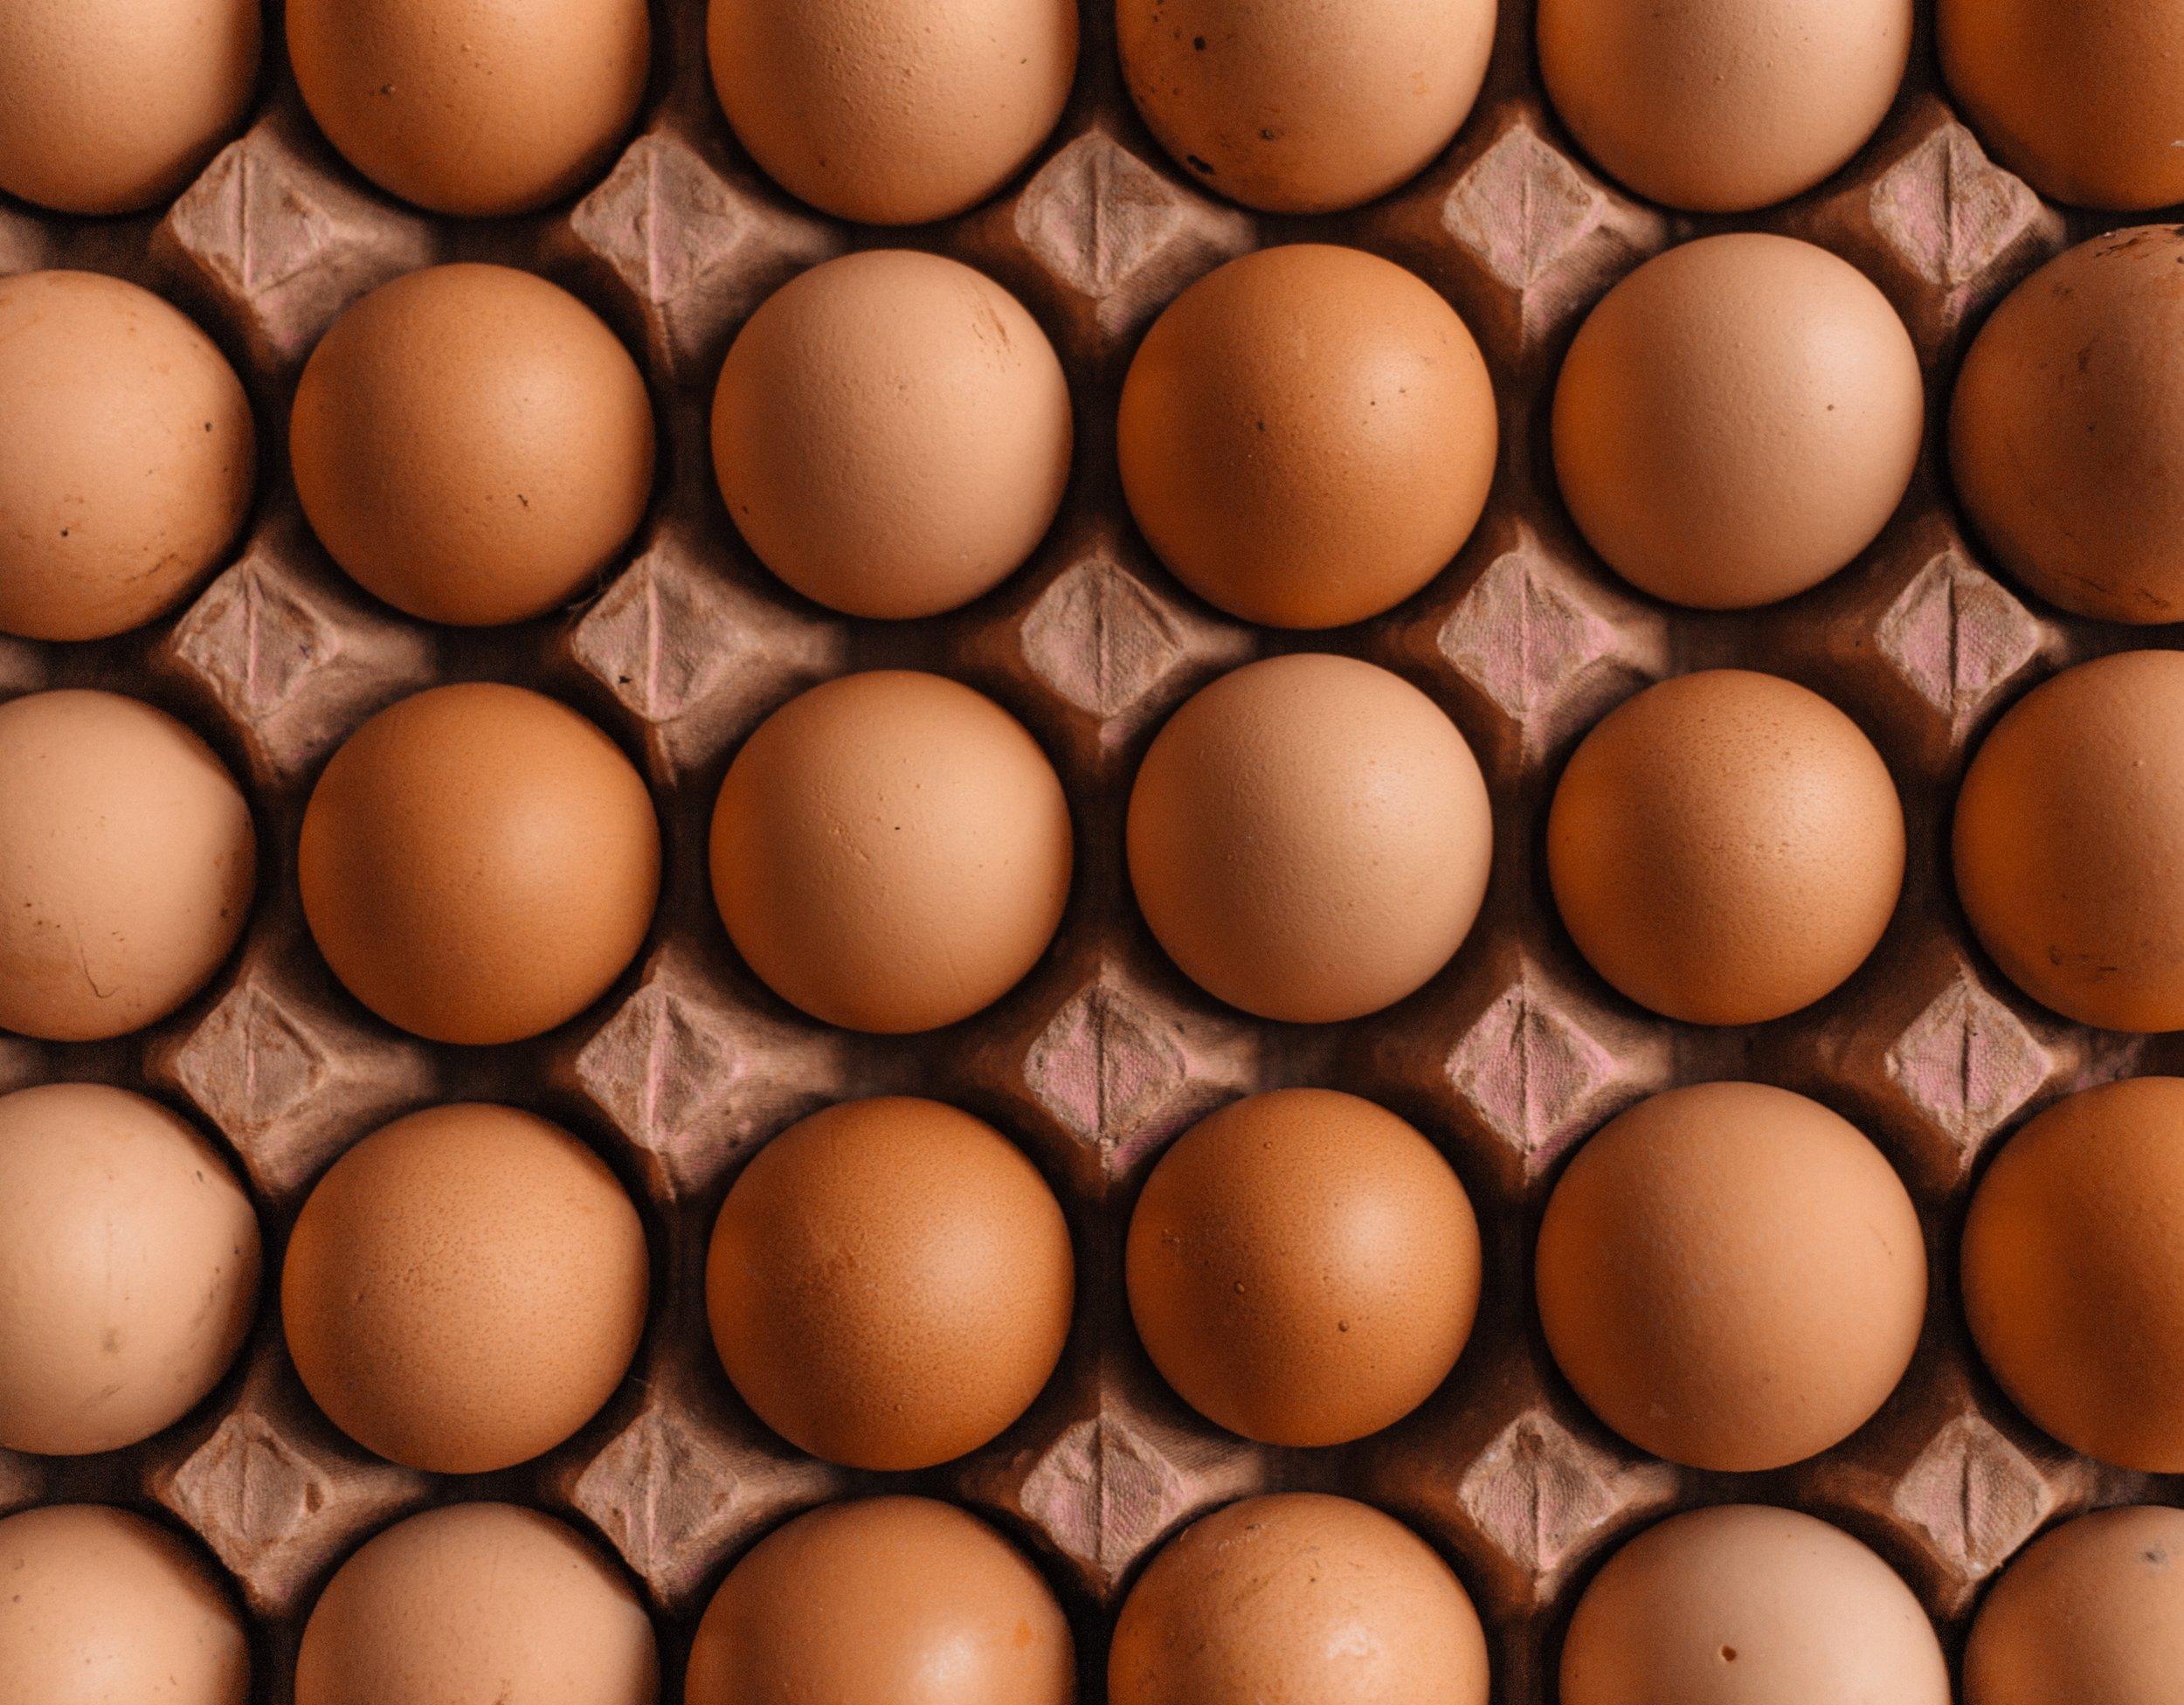 carton eggs.jpg